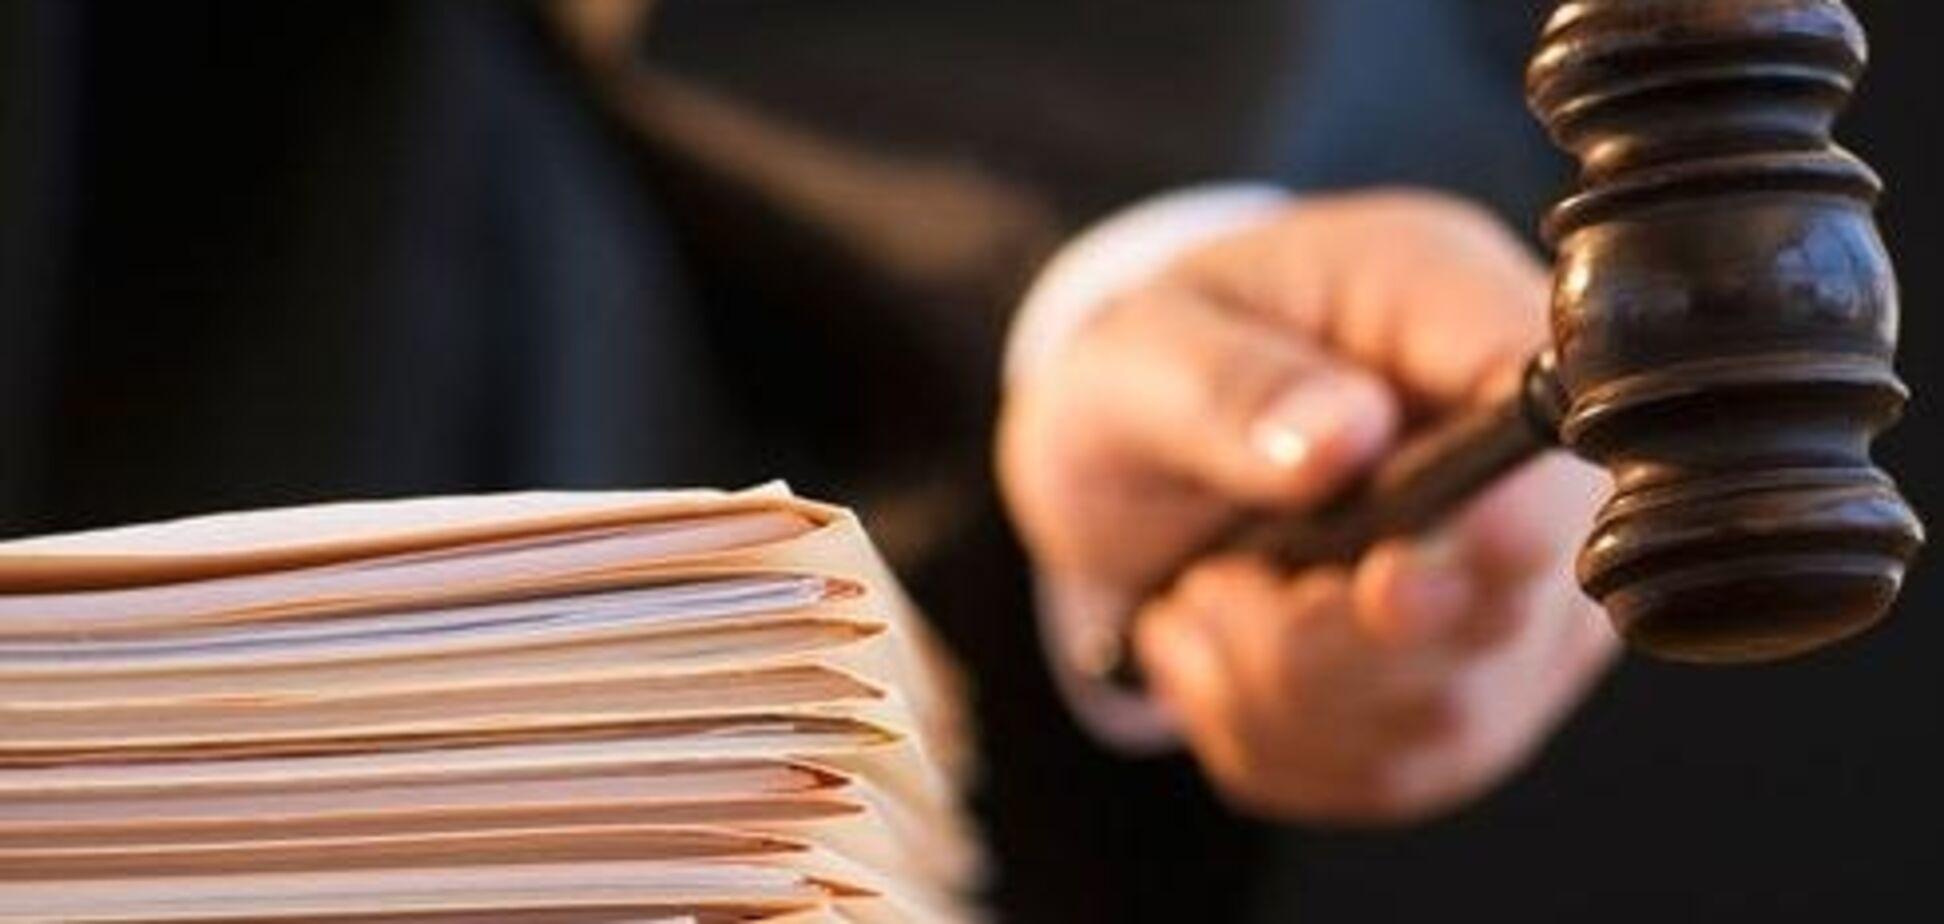 Антикоррупционный суд: у Гройсмана сообщили о проблеме